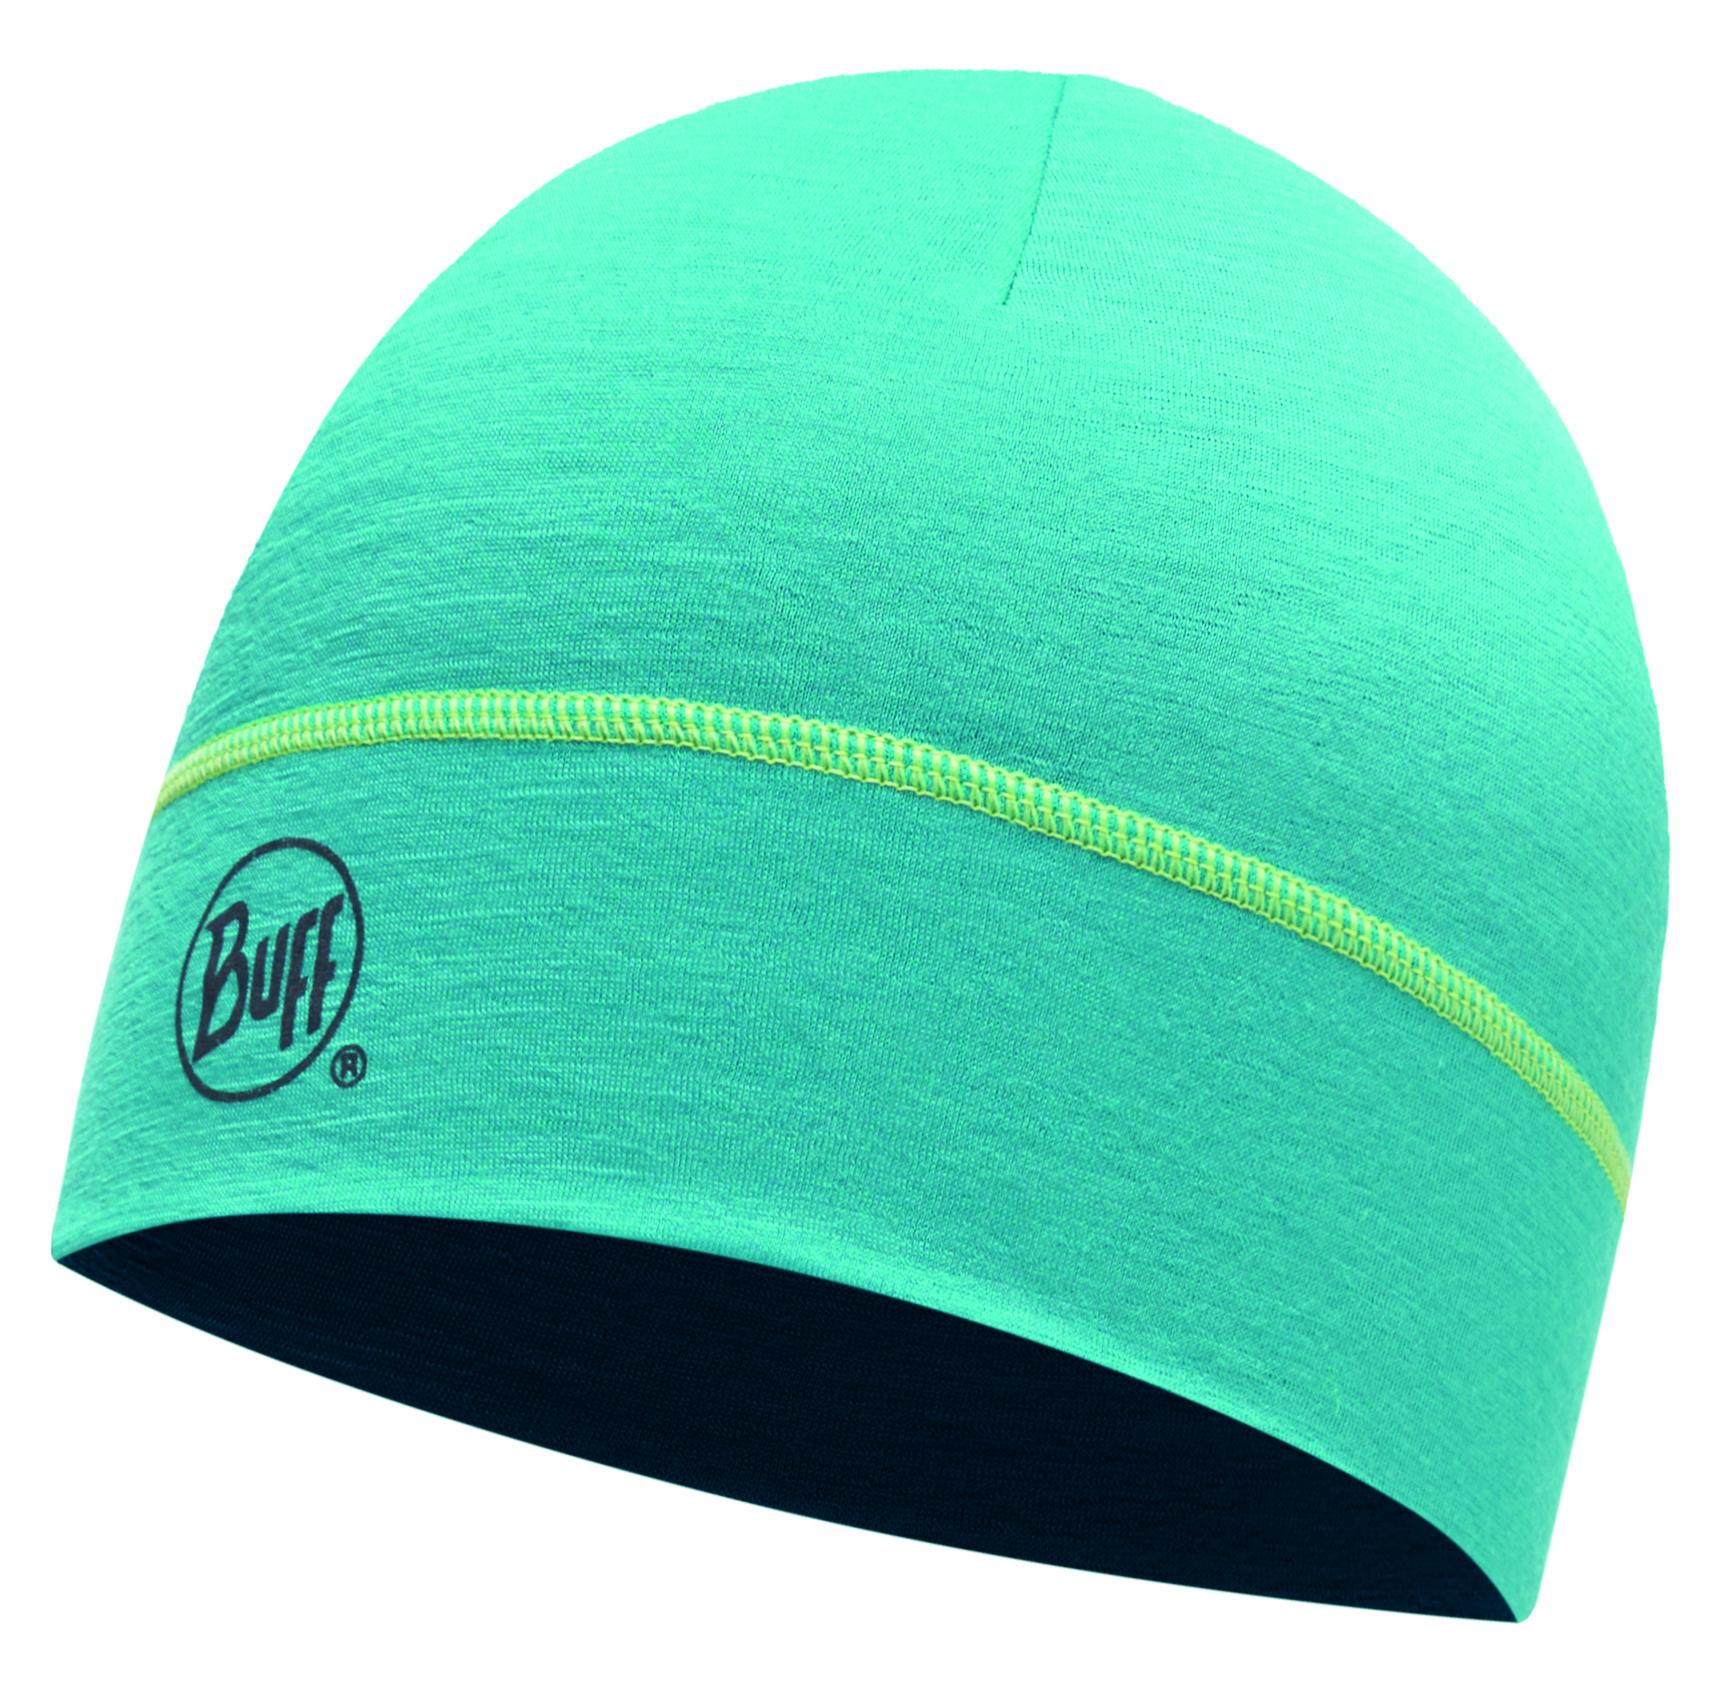 Шапка BUFF WOOL SOLID VIRIDIAN GREEN Банданы и шарфы Buff ® 1312876  - купить со скидкой